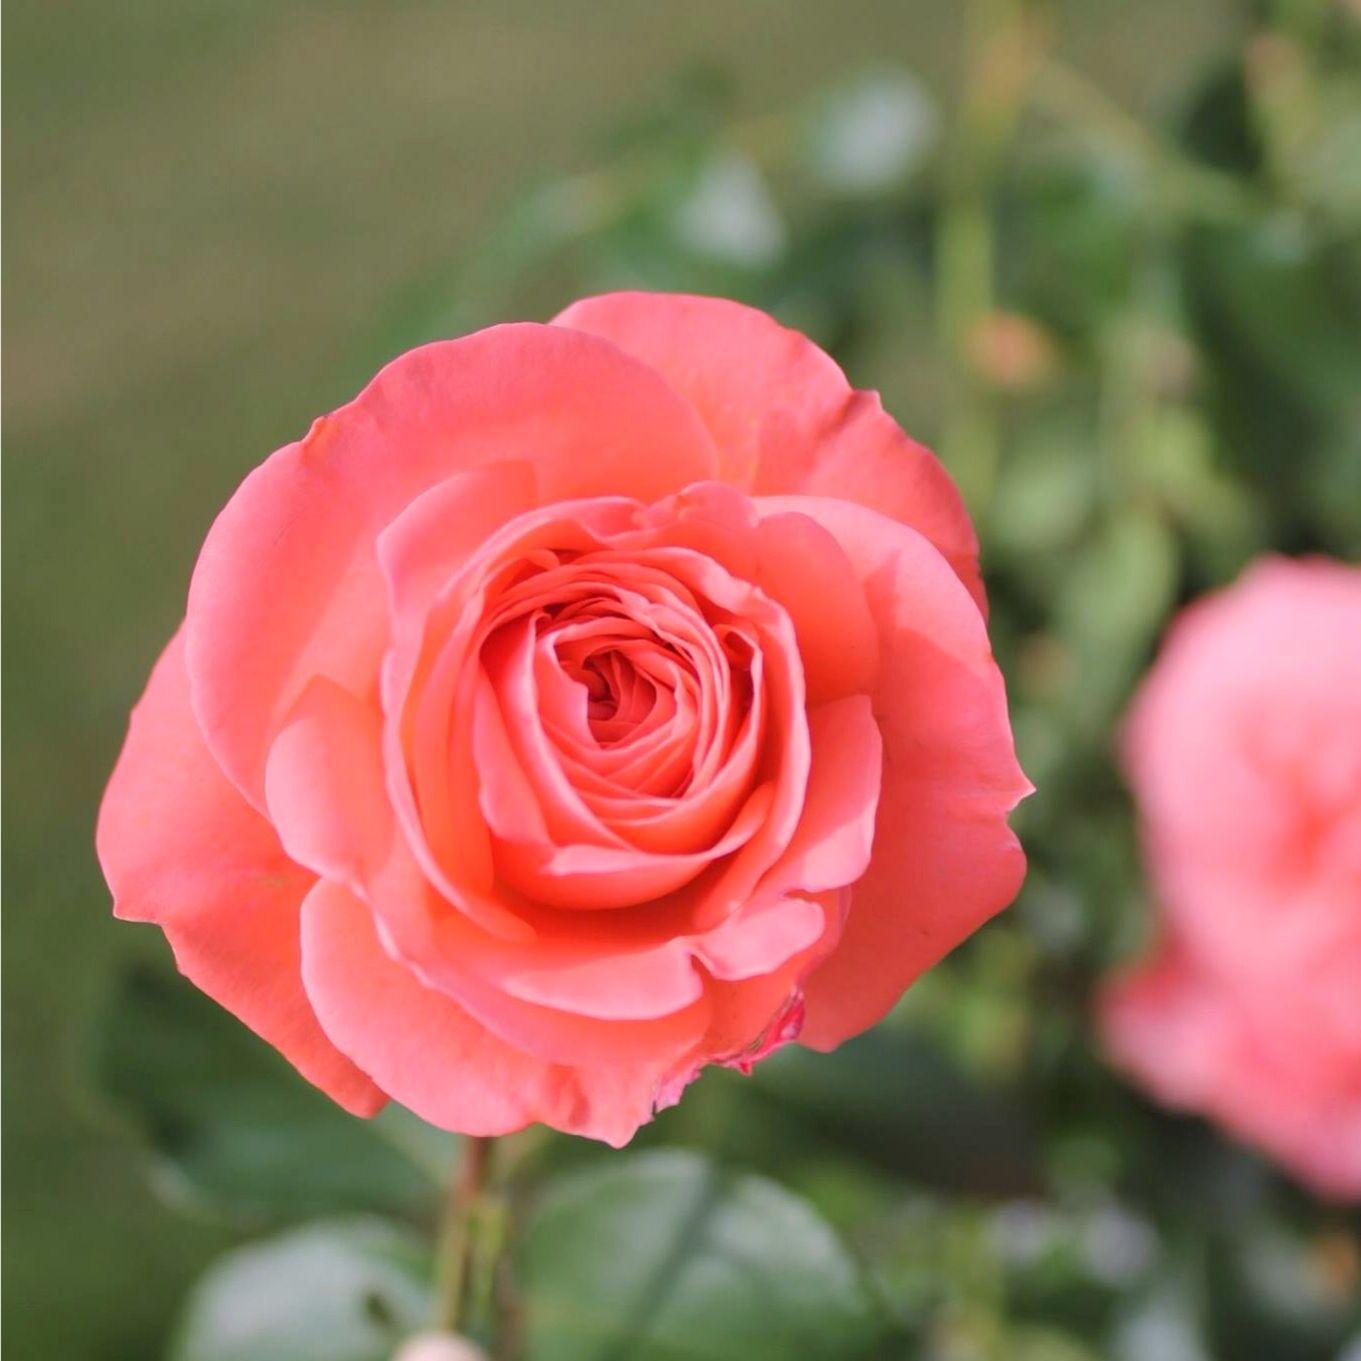 A pretty pink rose